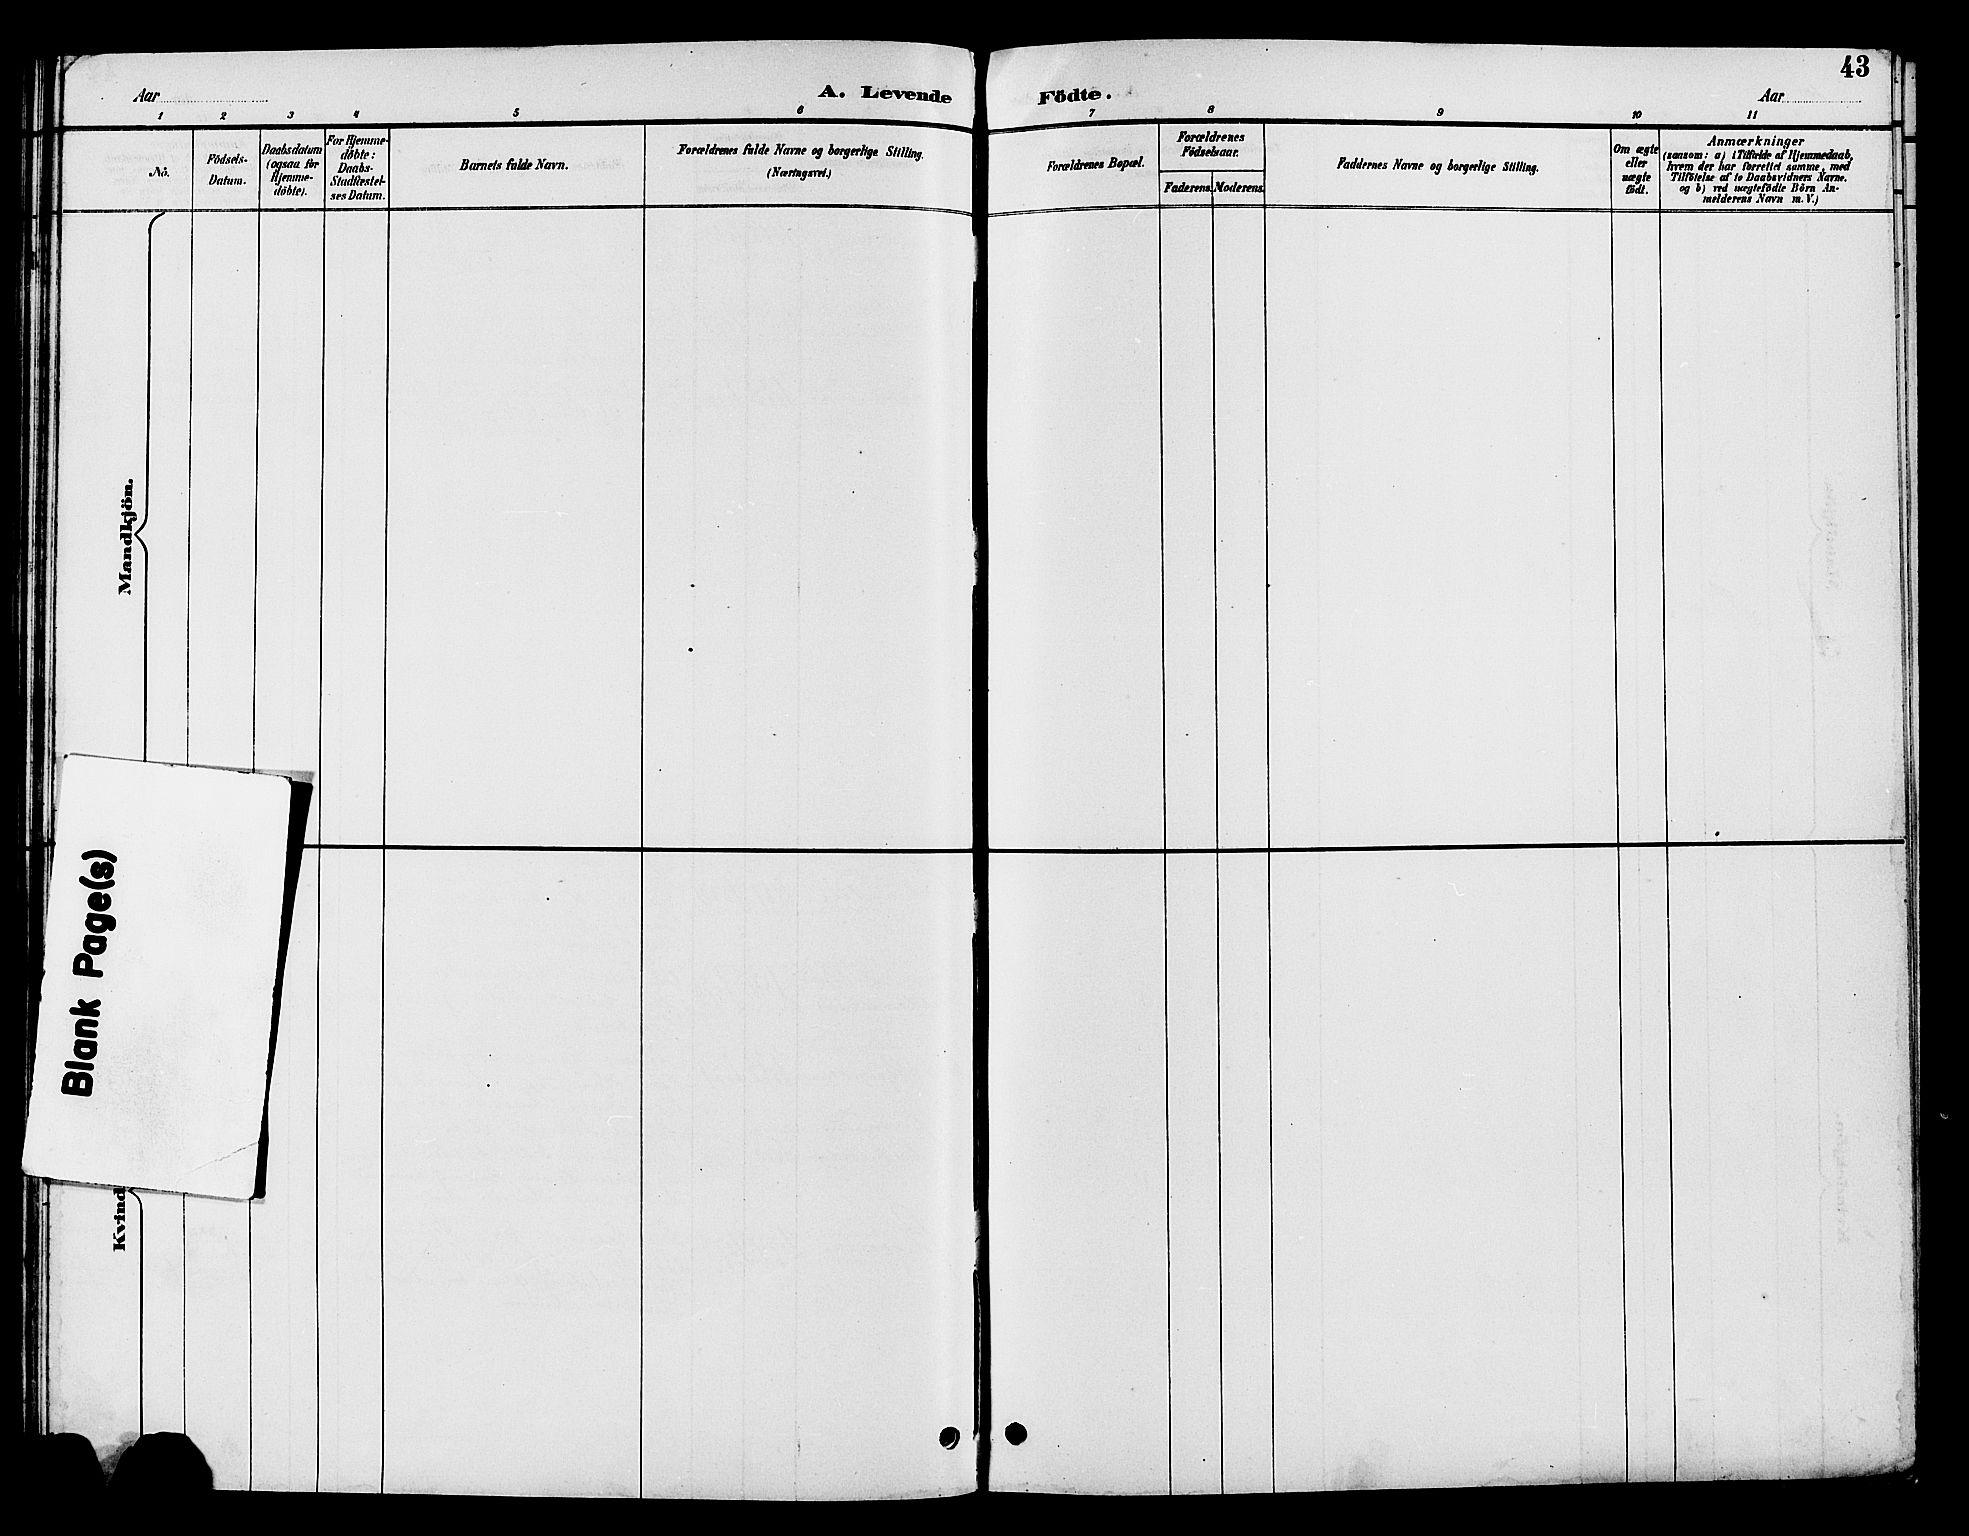 SAH, Nord-Aurdal prestekontor, Klokkerbok nr. 10, 1892-1907, s. 43